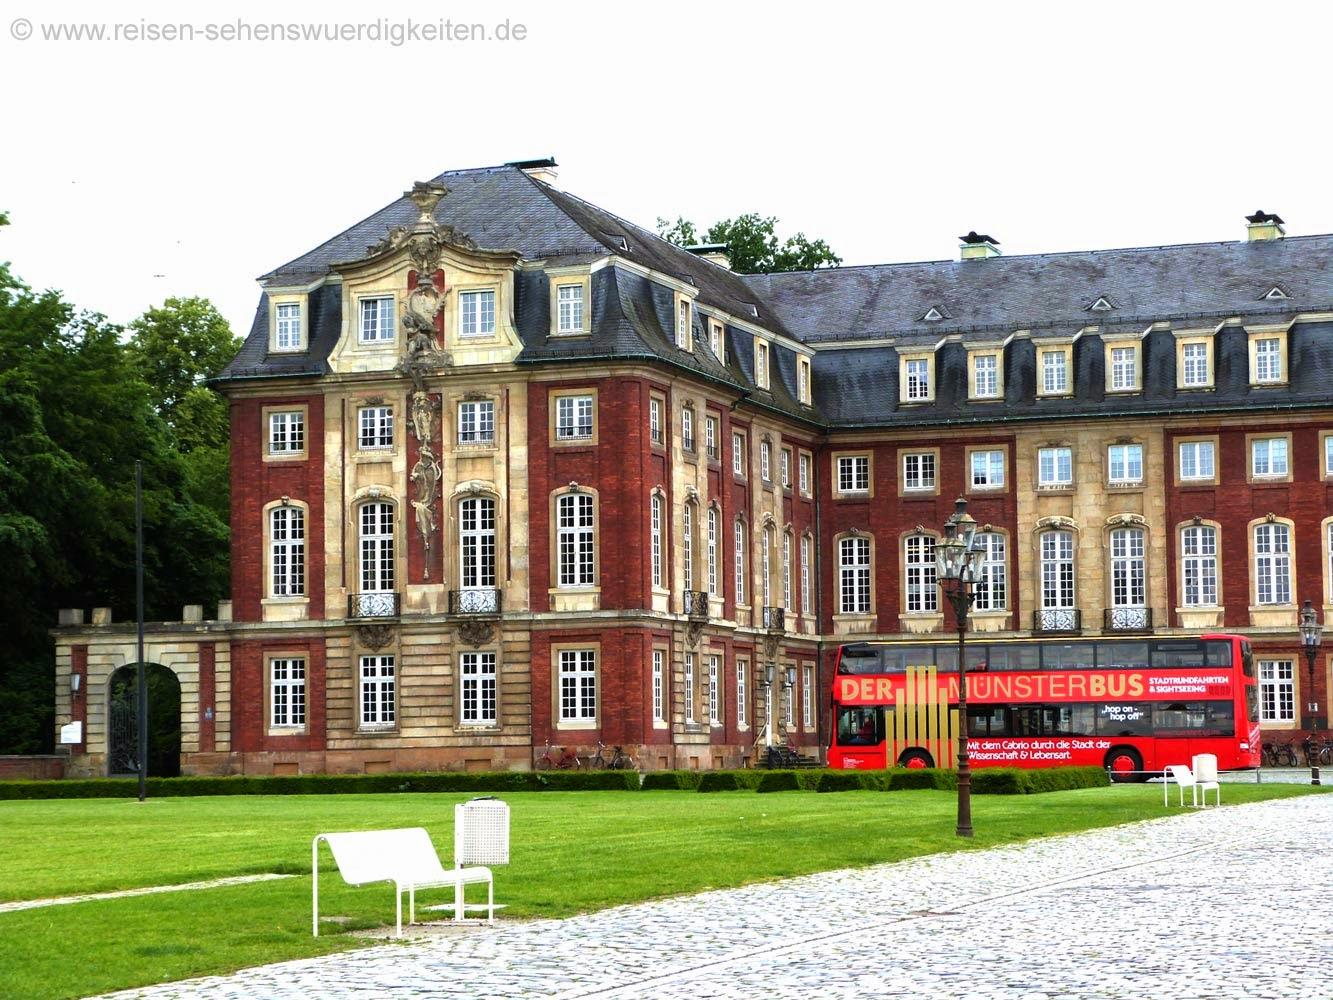 Stadtrundfahrt in Münster mit dem Münsterbus am Schloss